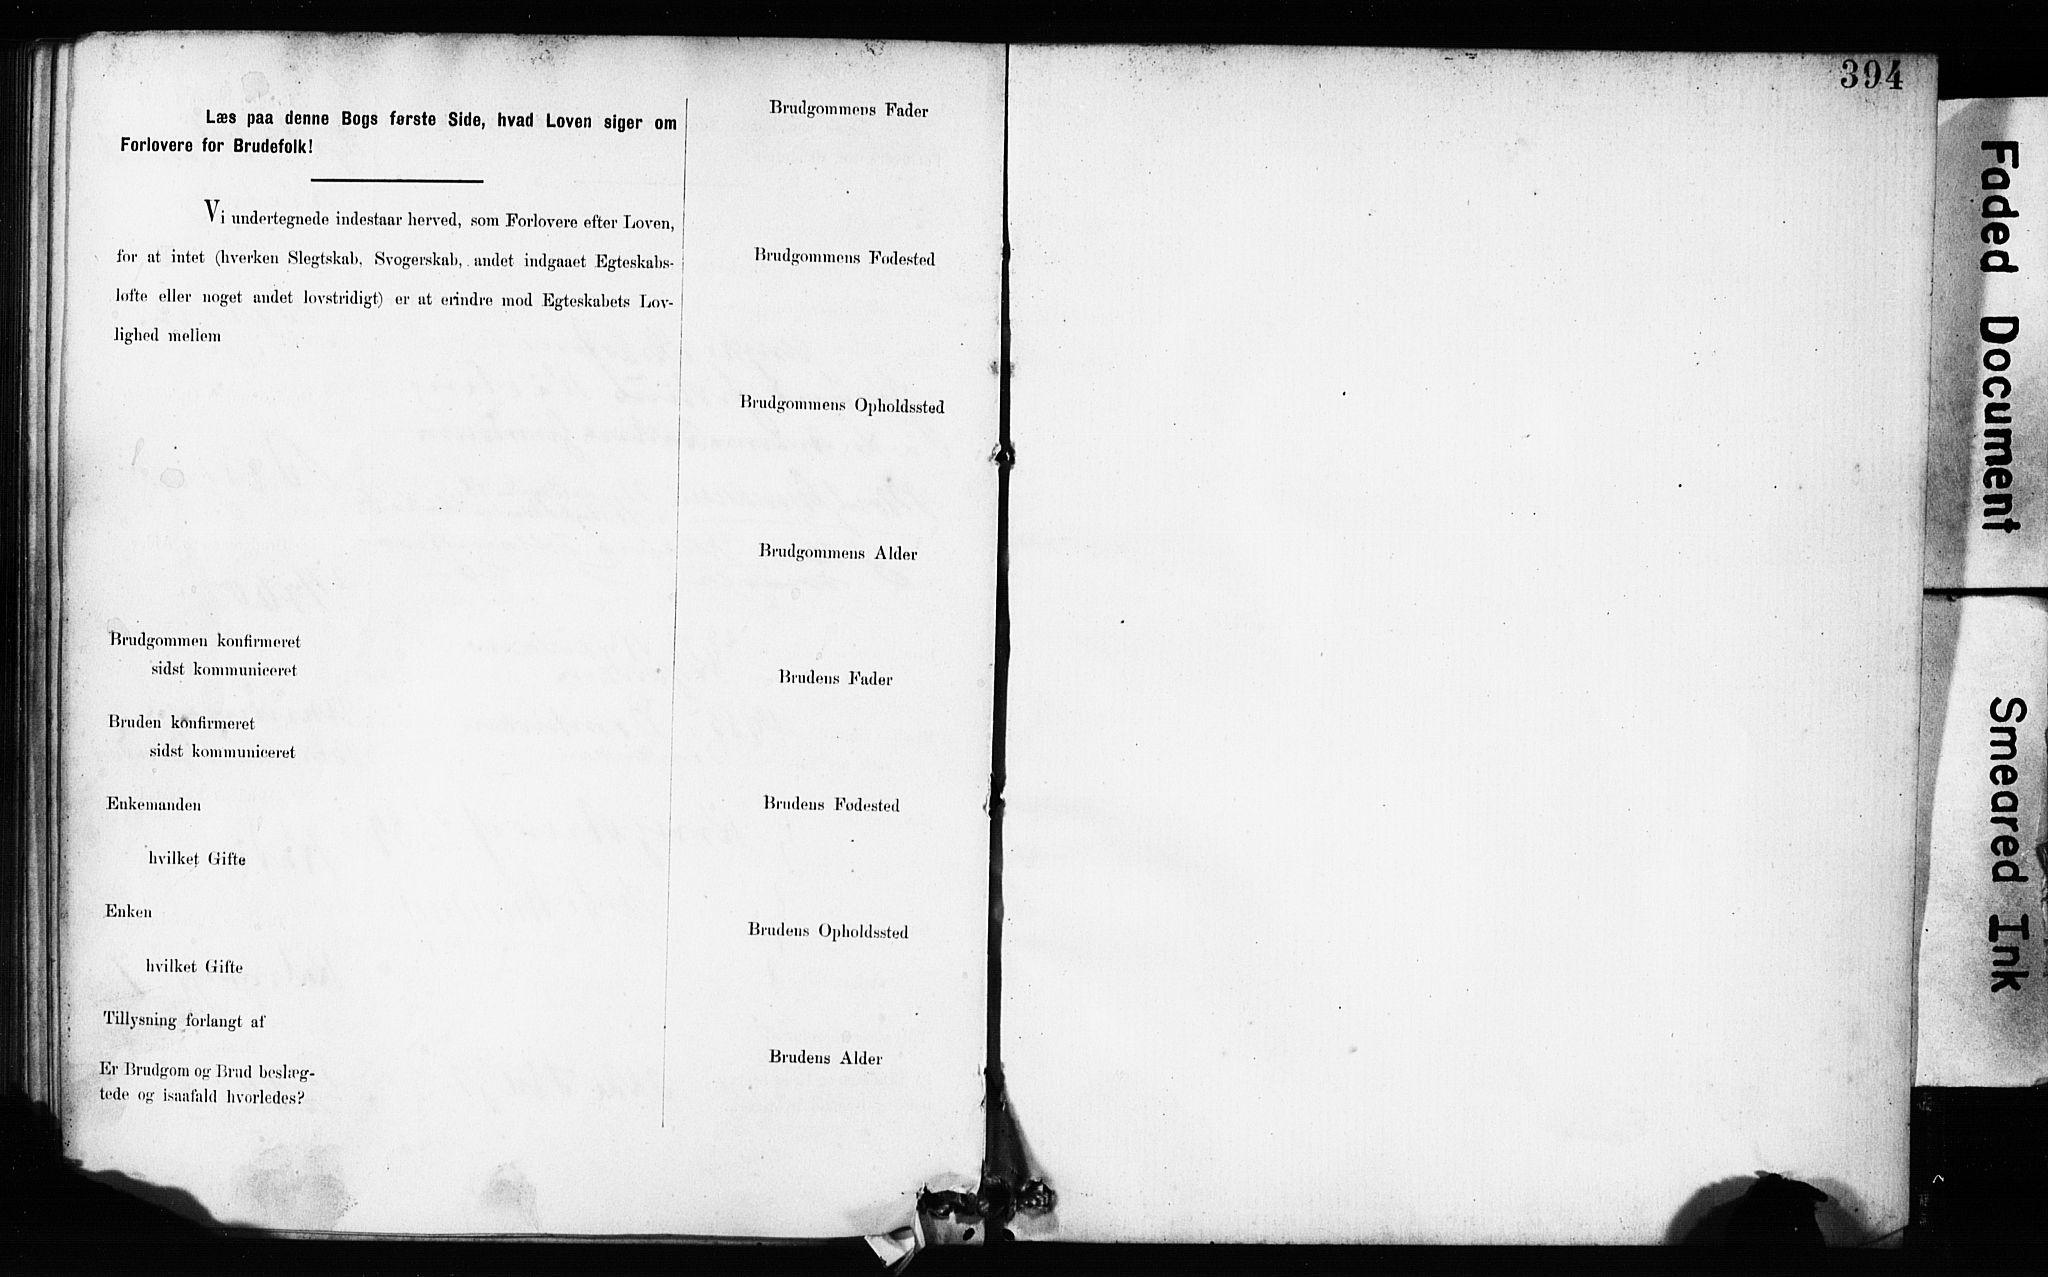 SAB, Domkirken Sokneprestembete, Forlovererklæringer nr. II.5.9, 1882-1889, s. 394